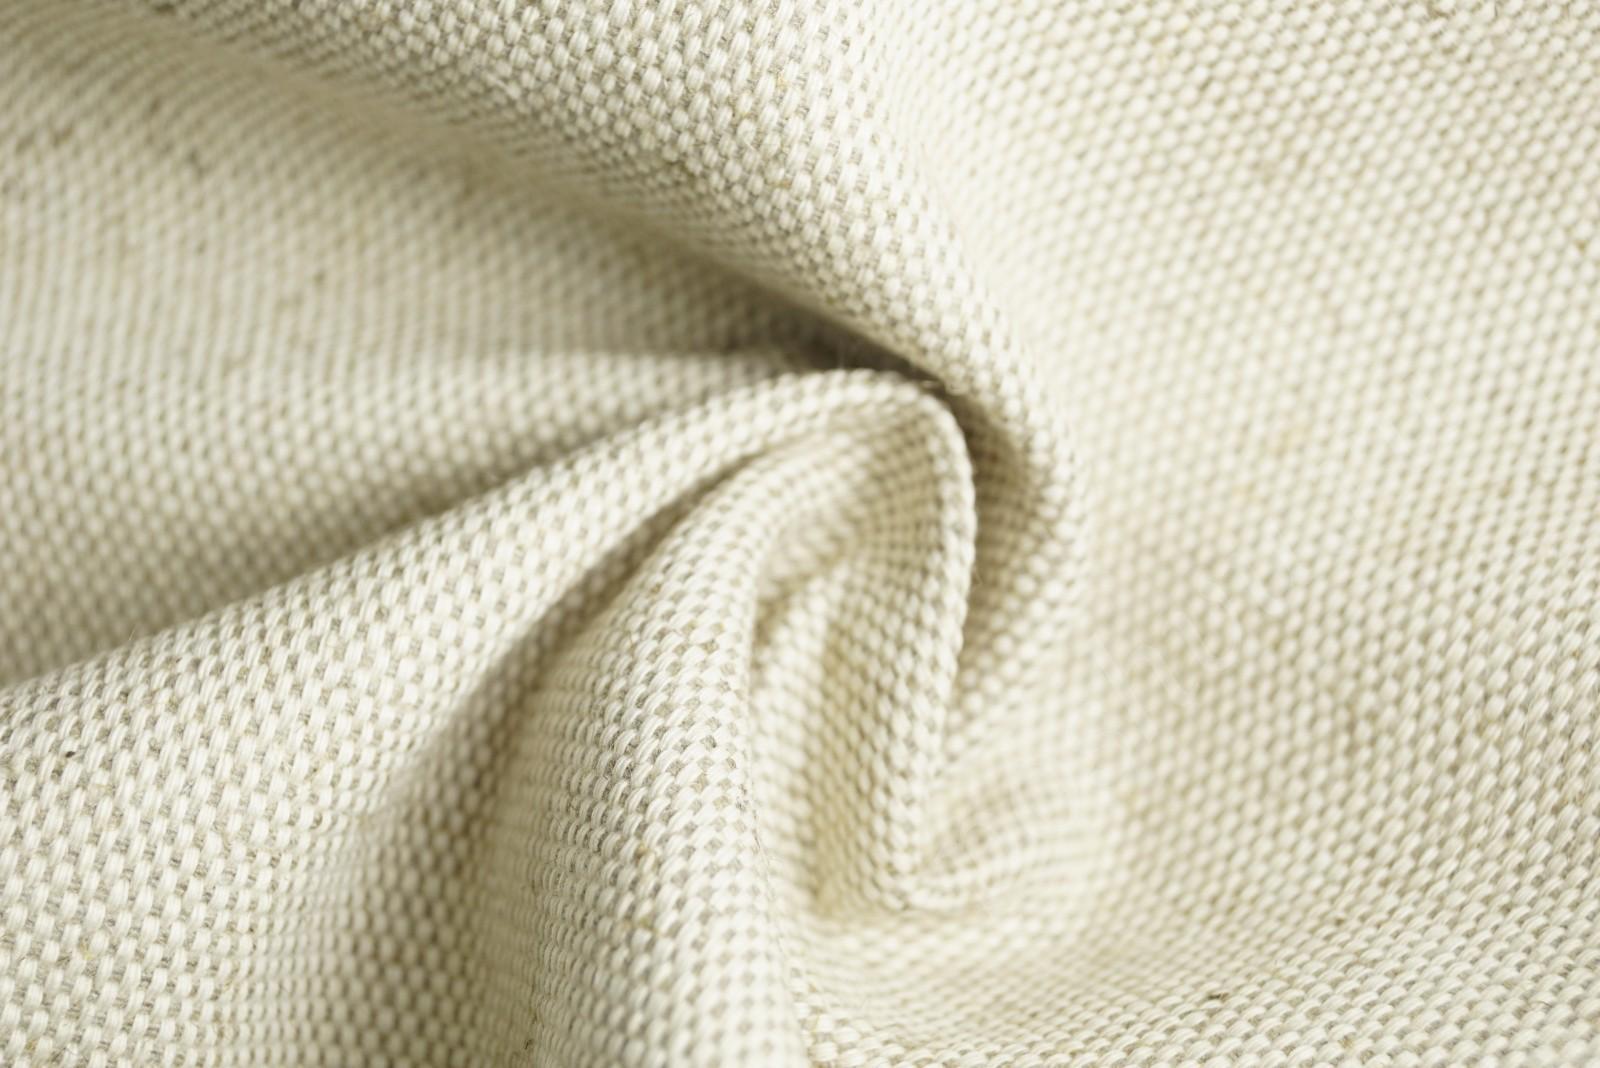 Ткань для обивки мебели - основные критерии выбора